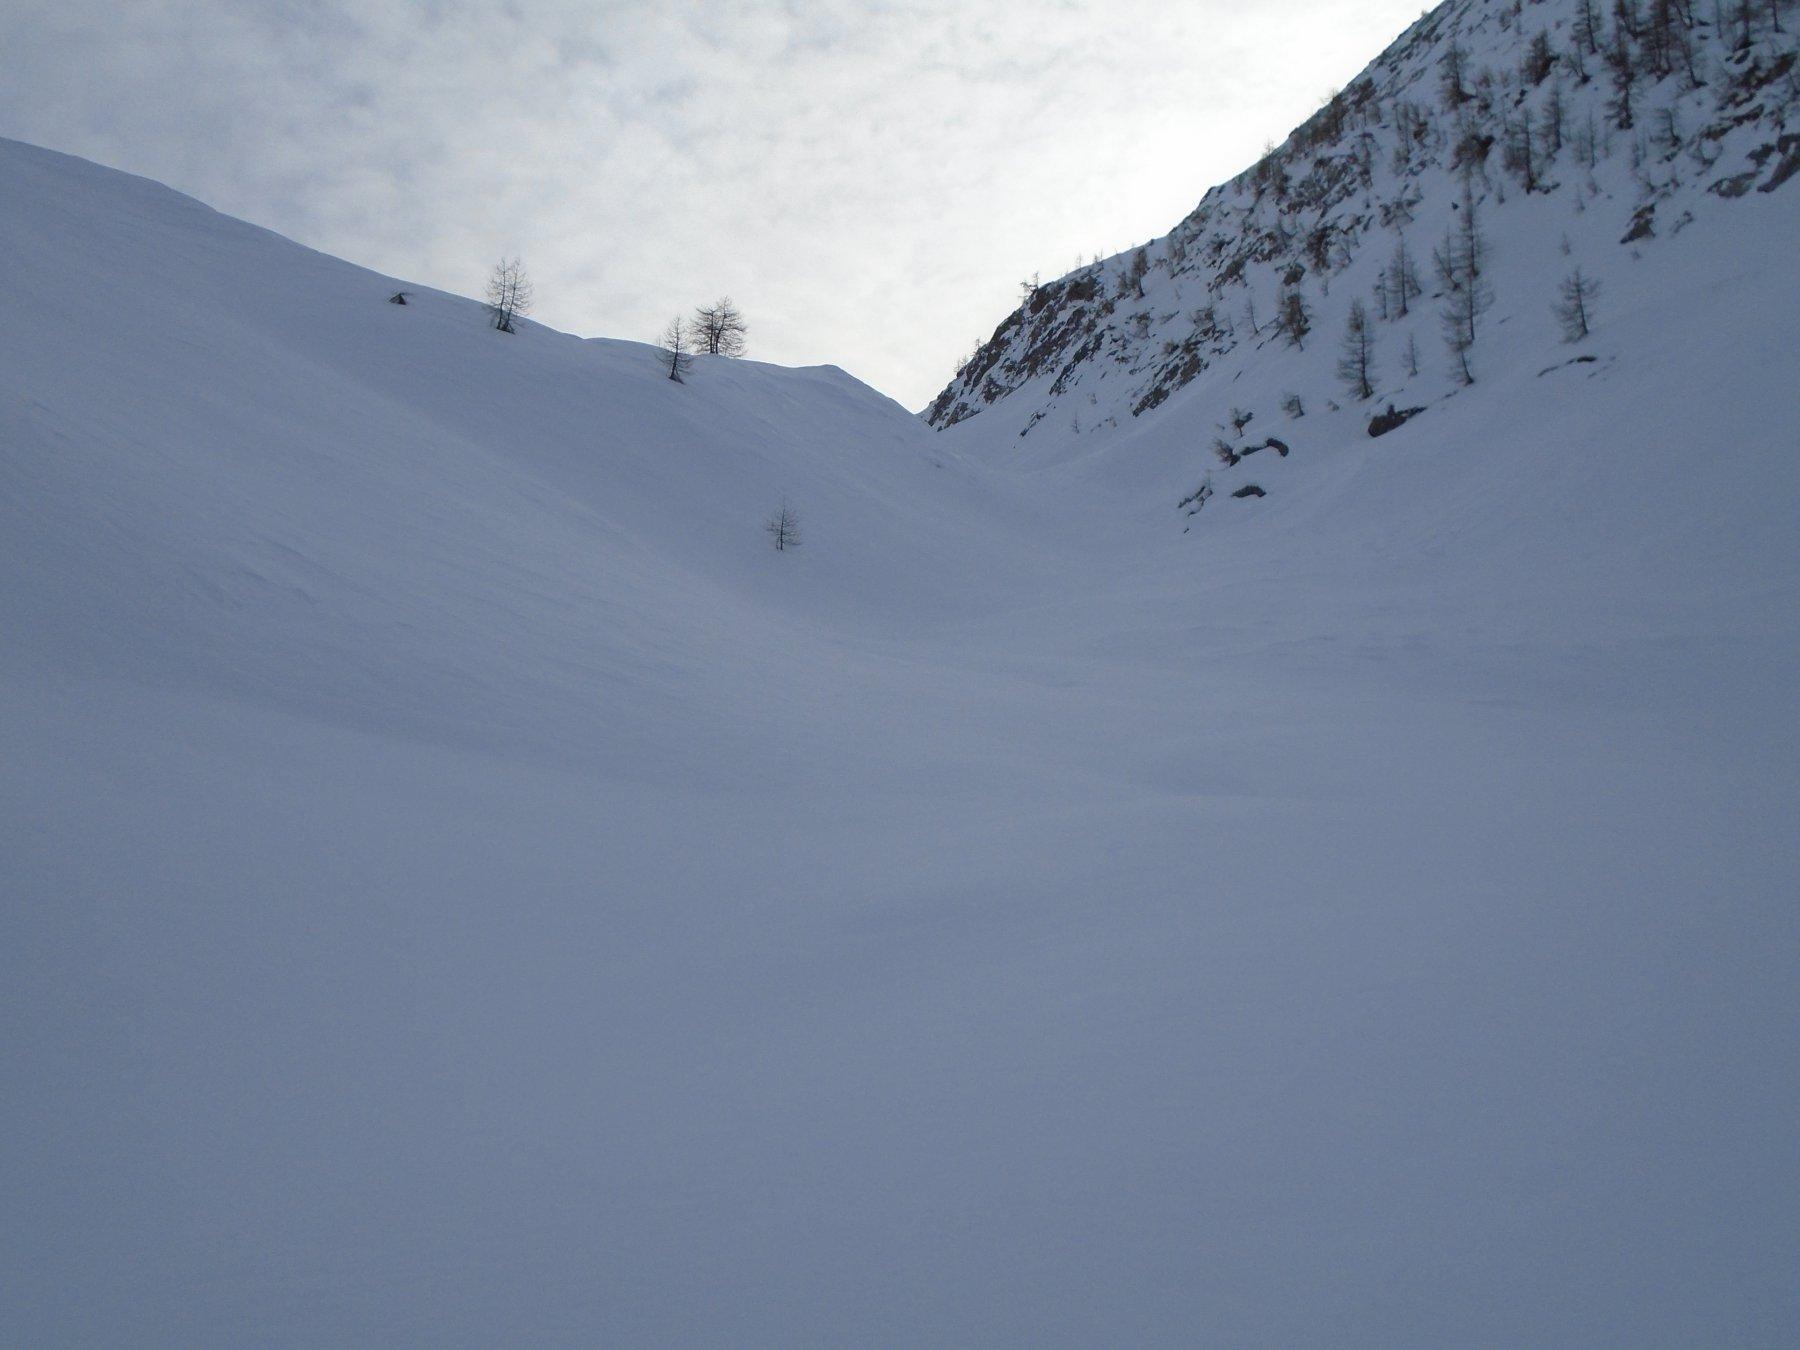 La facile gola da cui si accede al vallone per Colle Vallonetto